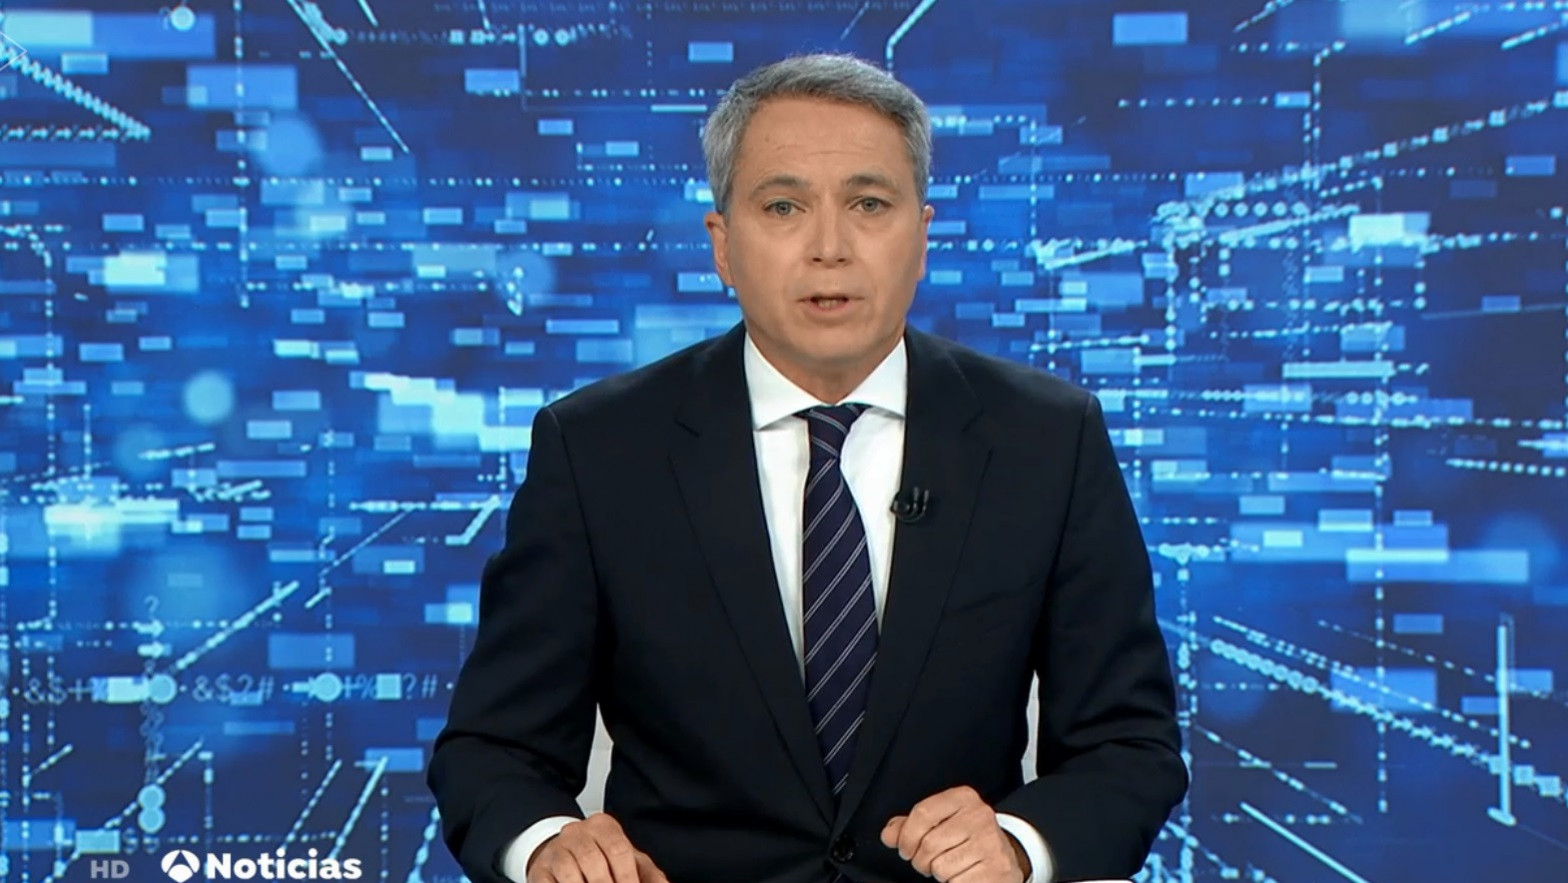 Vicente Vallés pone en evidencia a Pedro Sánchez y denuncia la estrategia de Podemos